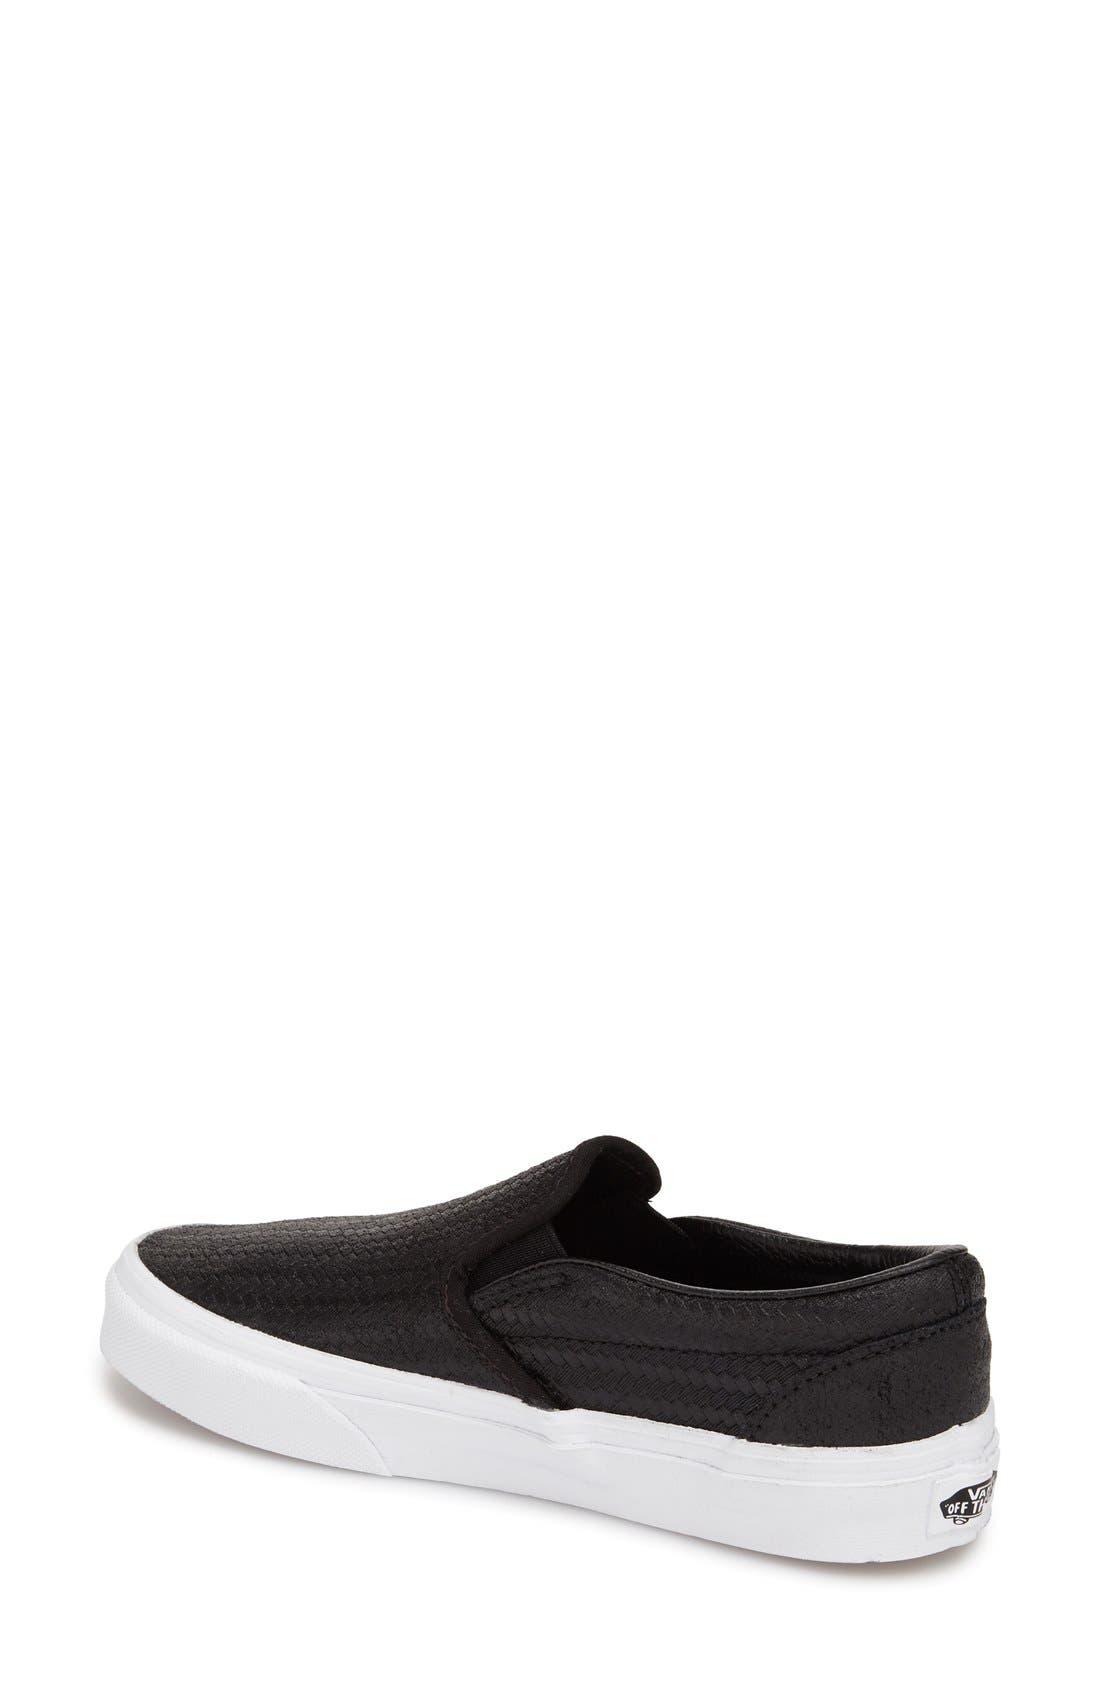 ,                             Classic Slip-On Sneaker,                             Alternate thumbnail 238, color,                             001